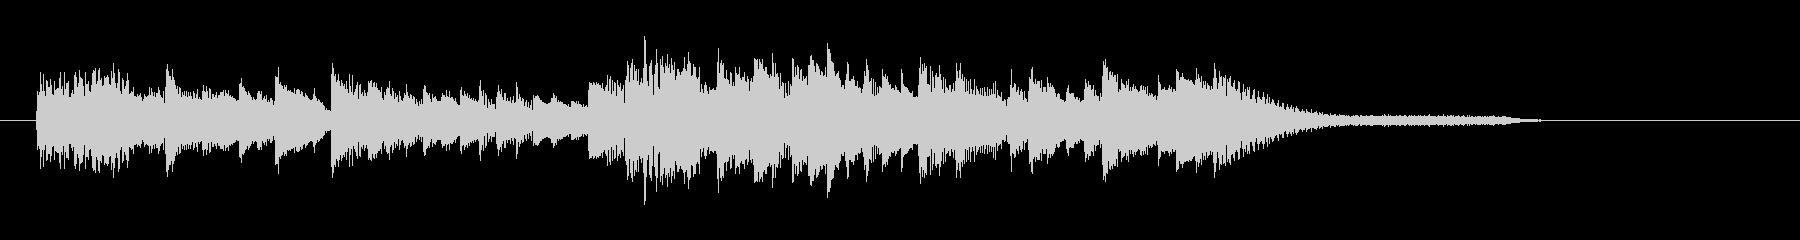 ジングル、おしゃれなピアノのアルペジオの未再生の波形